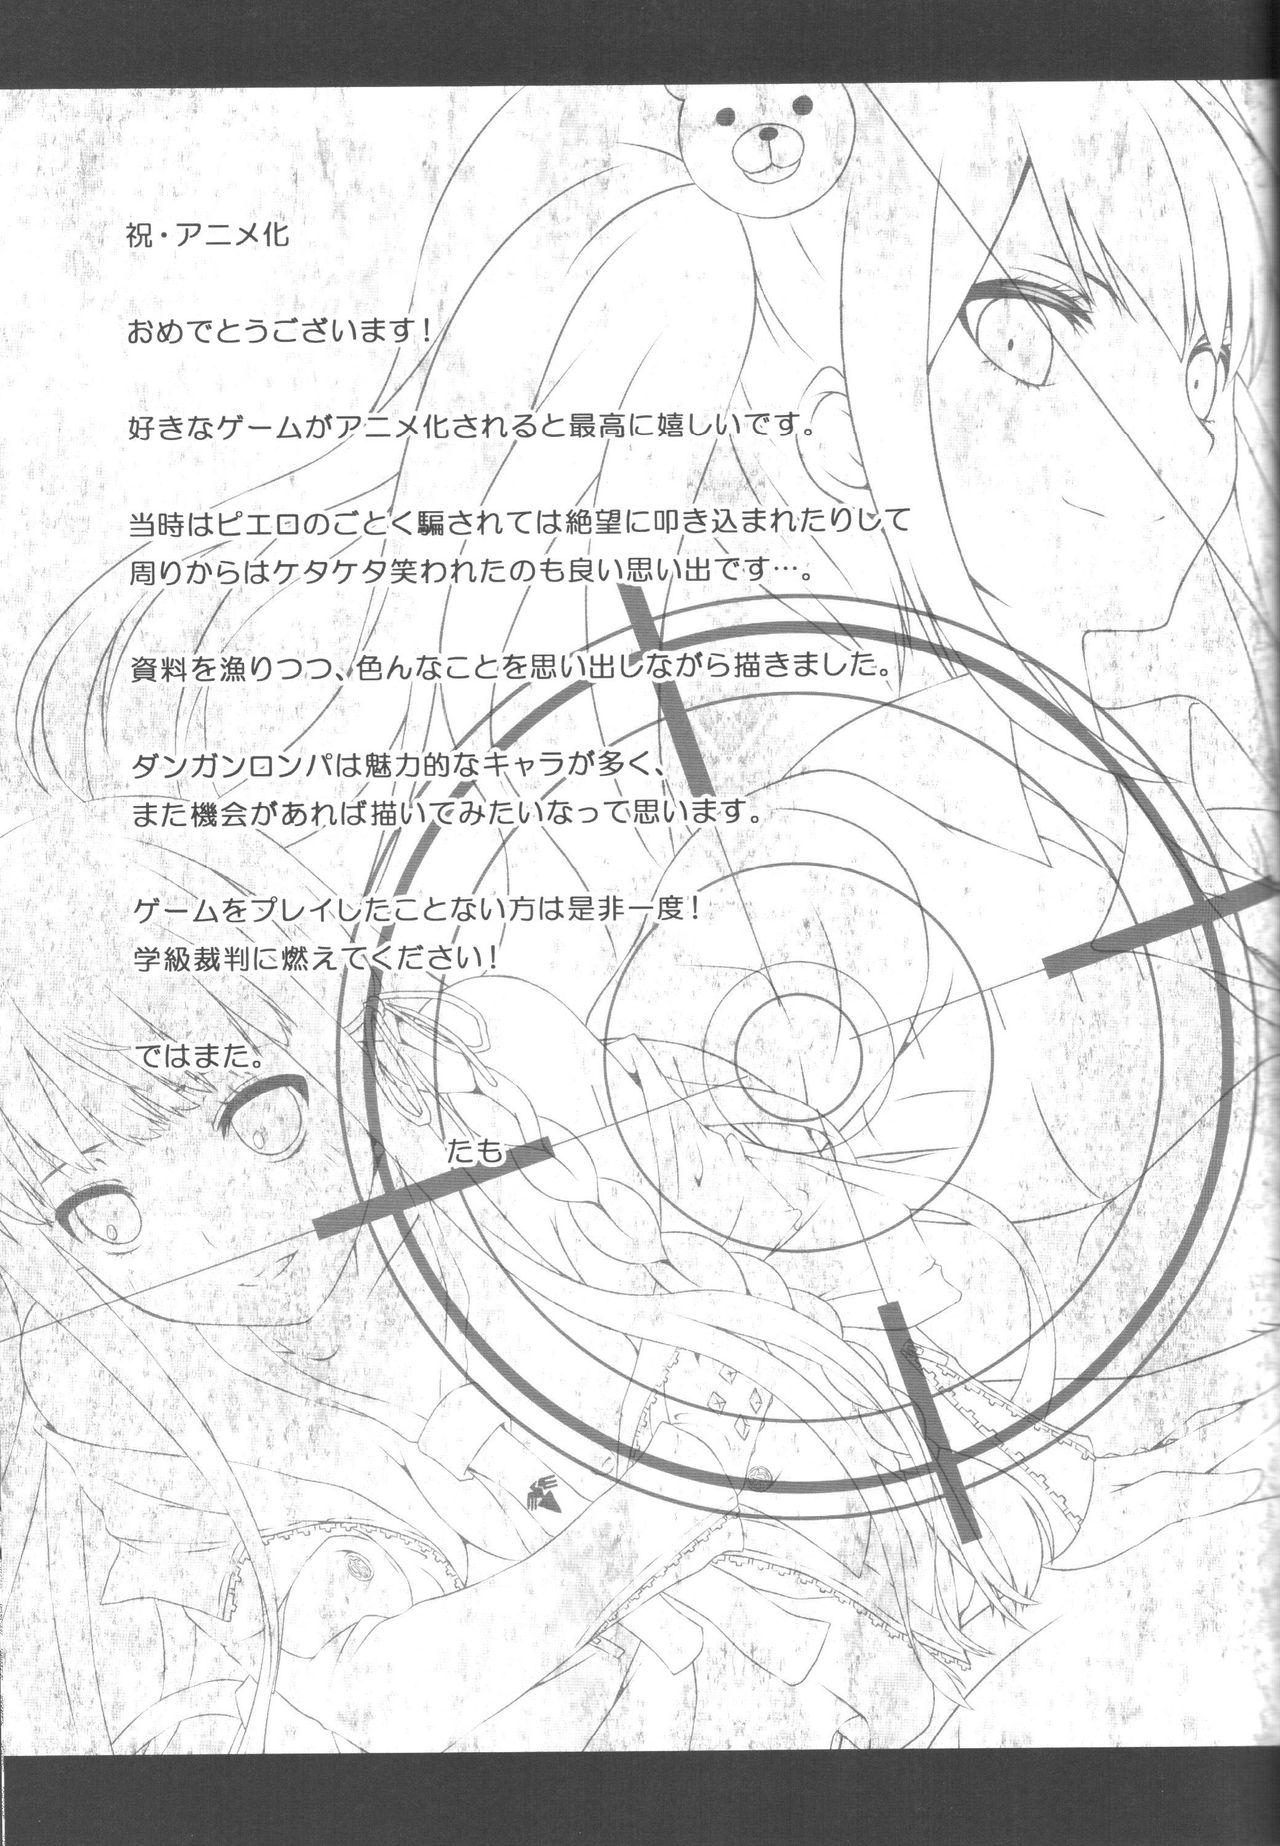 Monokuma File 21